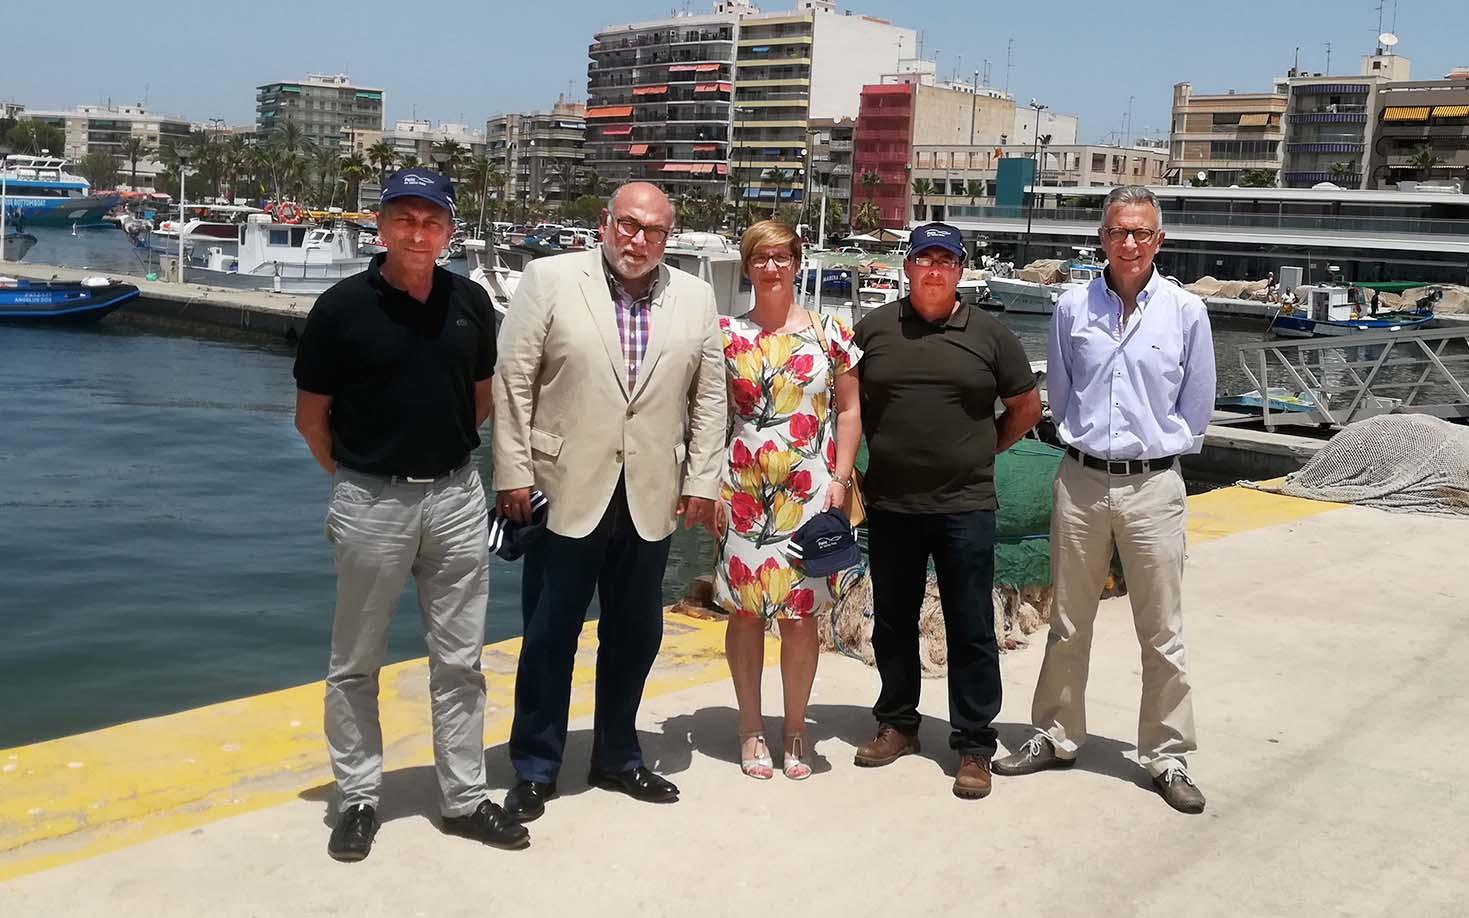 L'Ajuntament de Santa Pola i la Confraria de Pescadors presenten junts iniciatives per millorar l'activitat pesquera i comercial